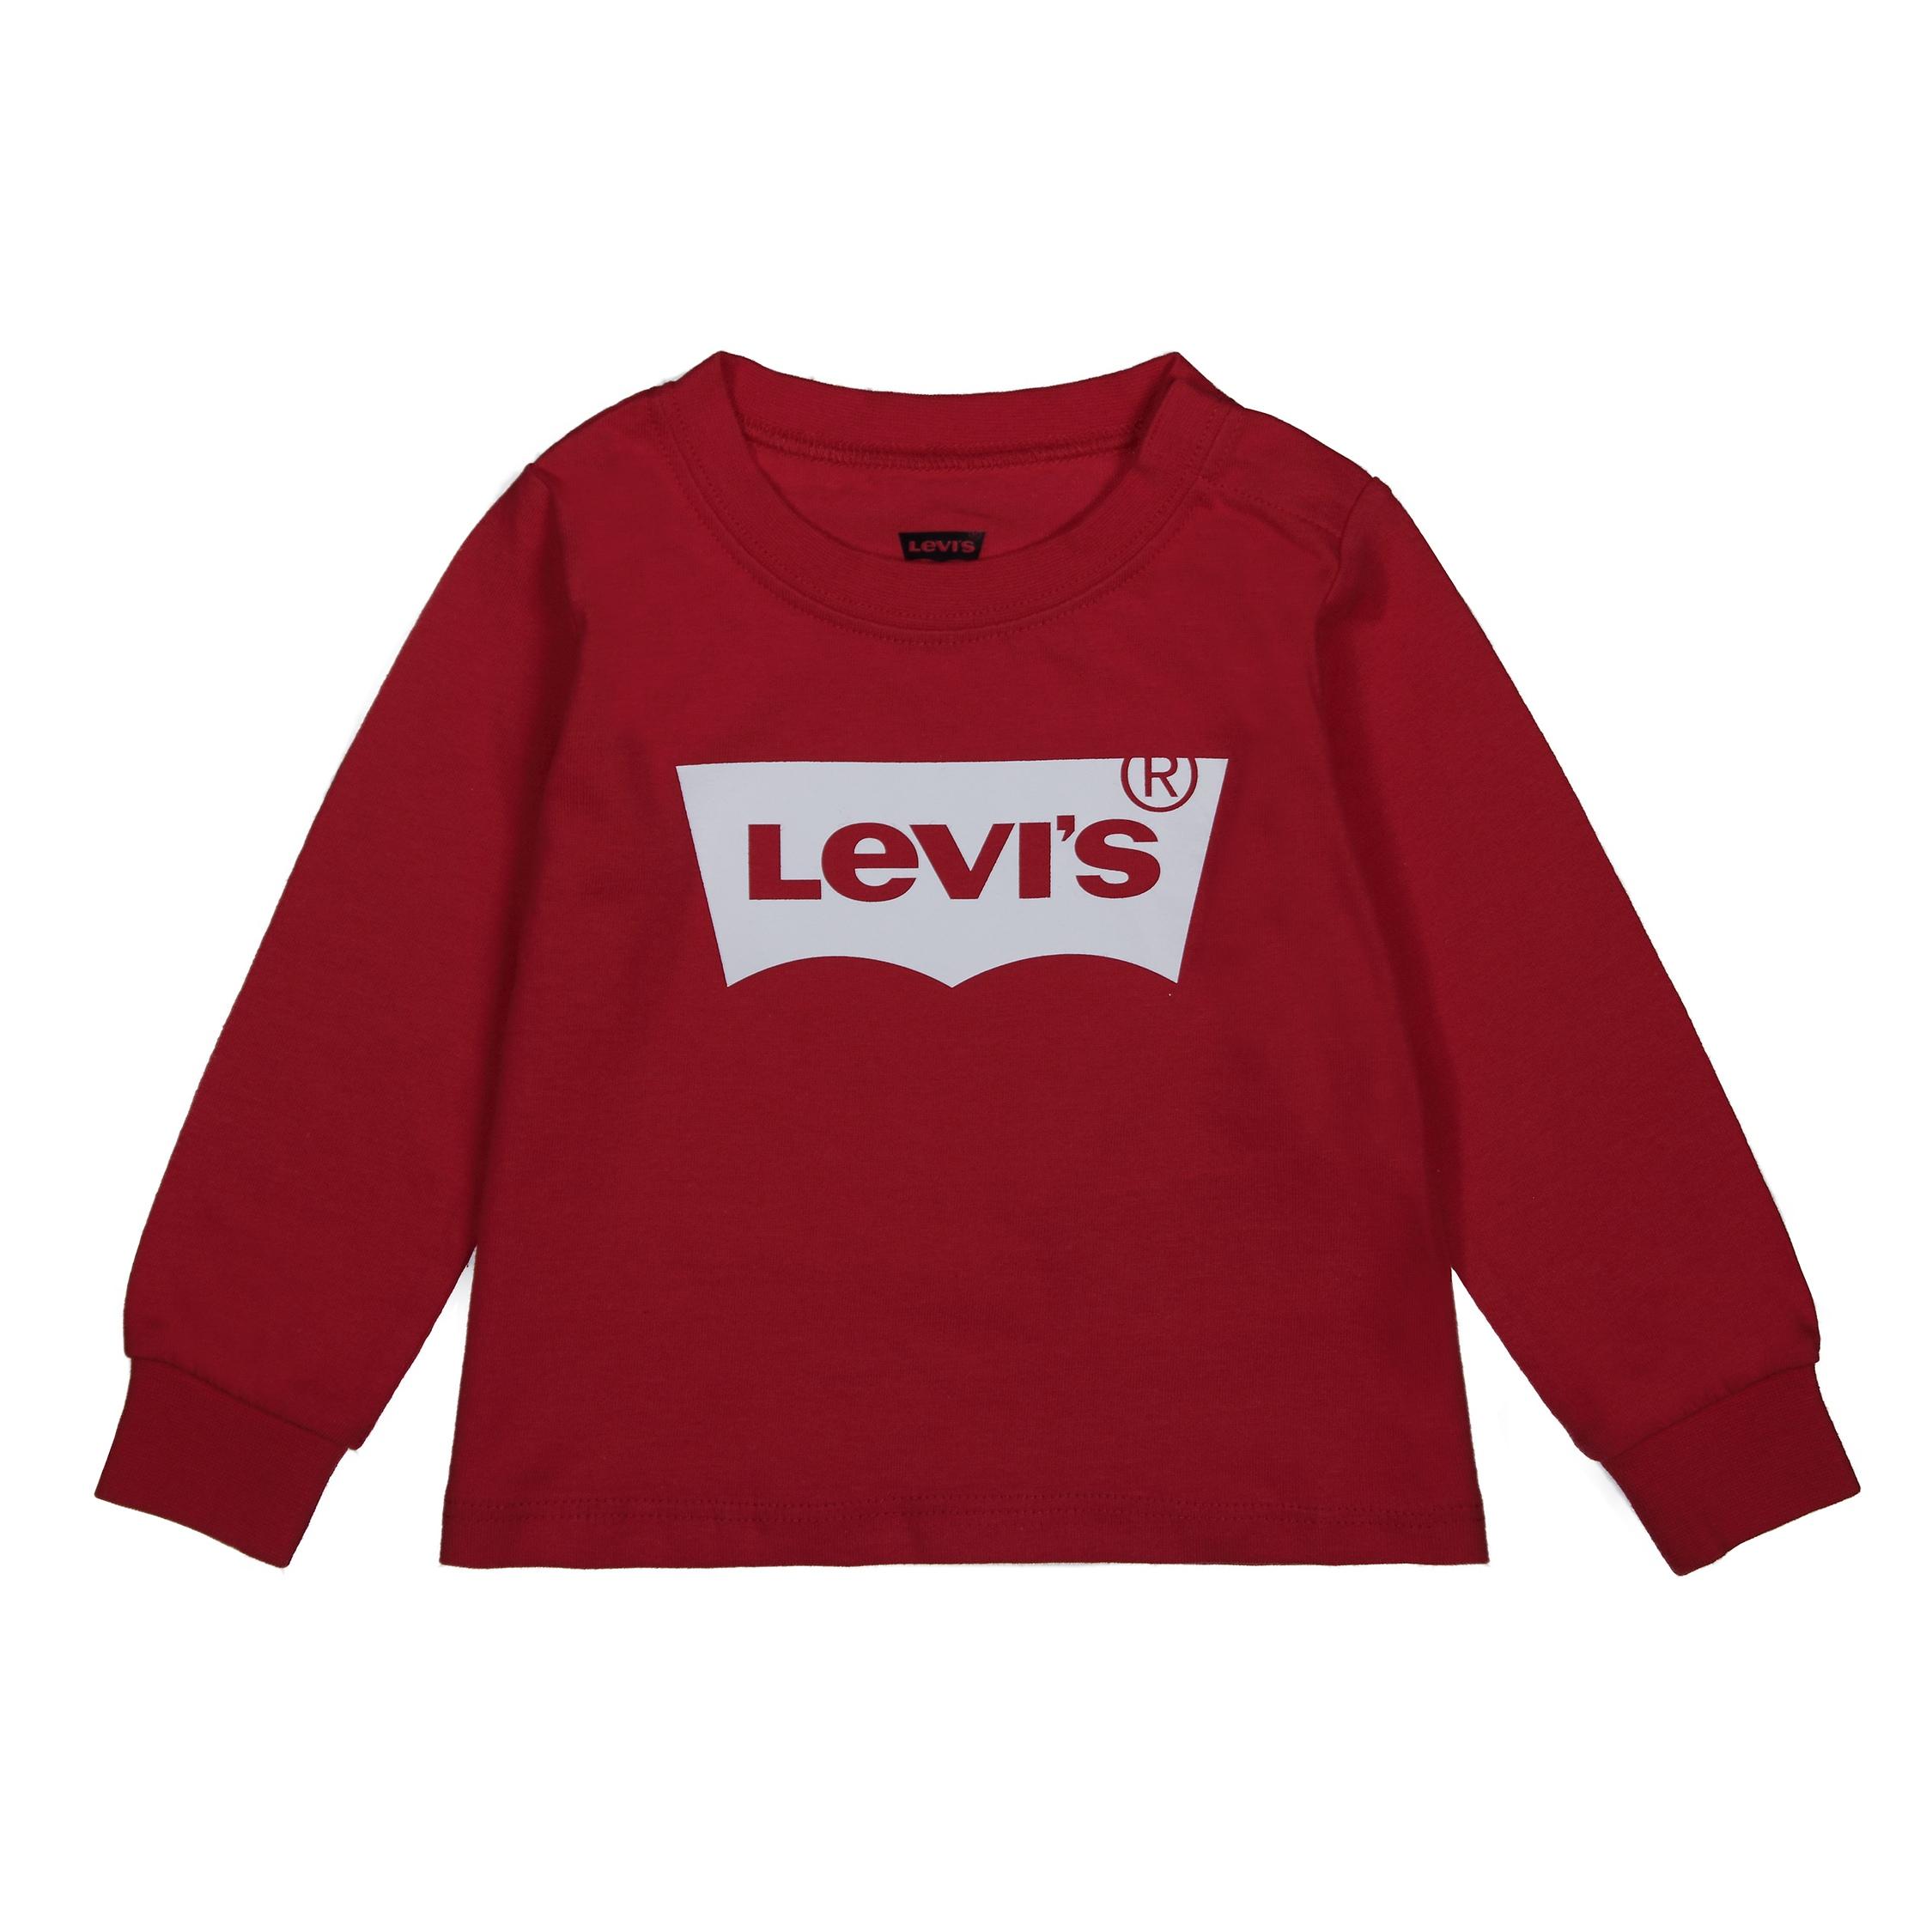 https://www.leadermode.com/183669/levi-s-kids-6e8646-r6w-super-red.jpg